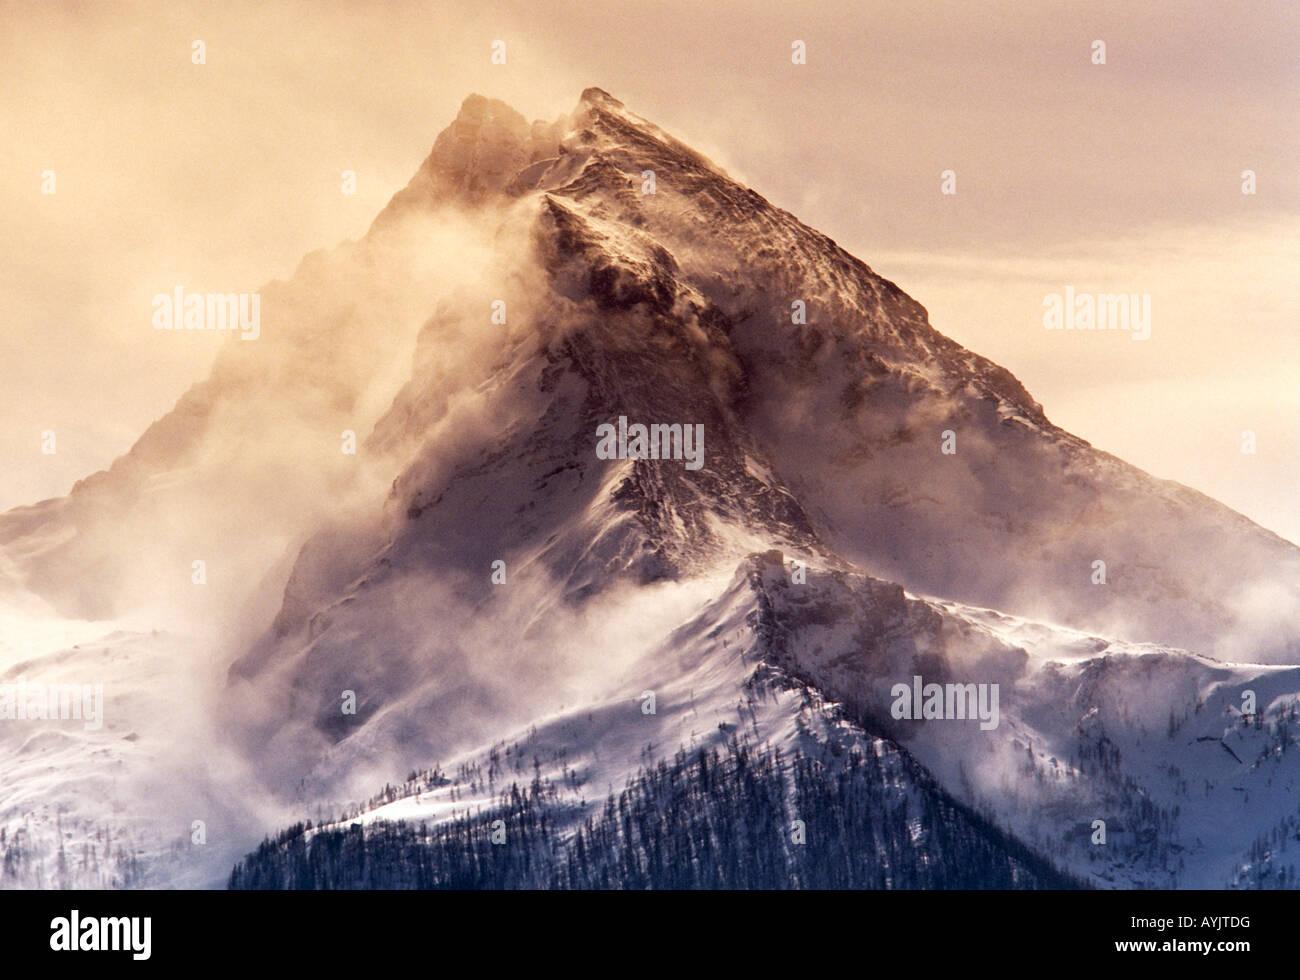 Der Berg Watzmann (2713 m) im Schneesturm Stockbild